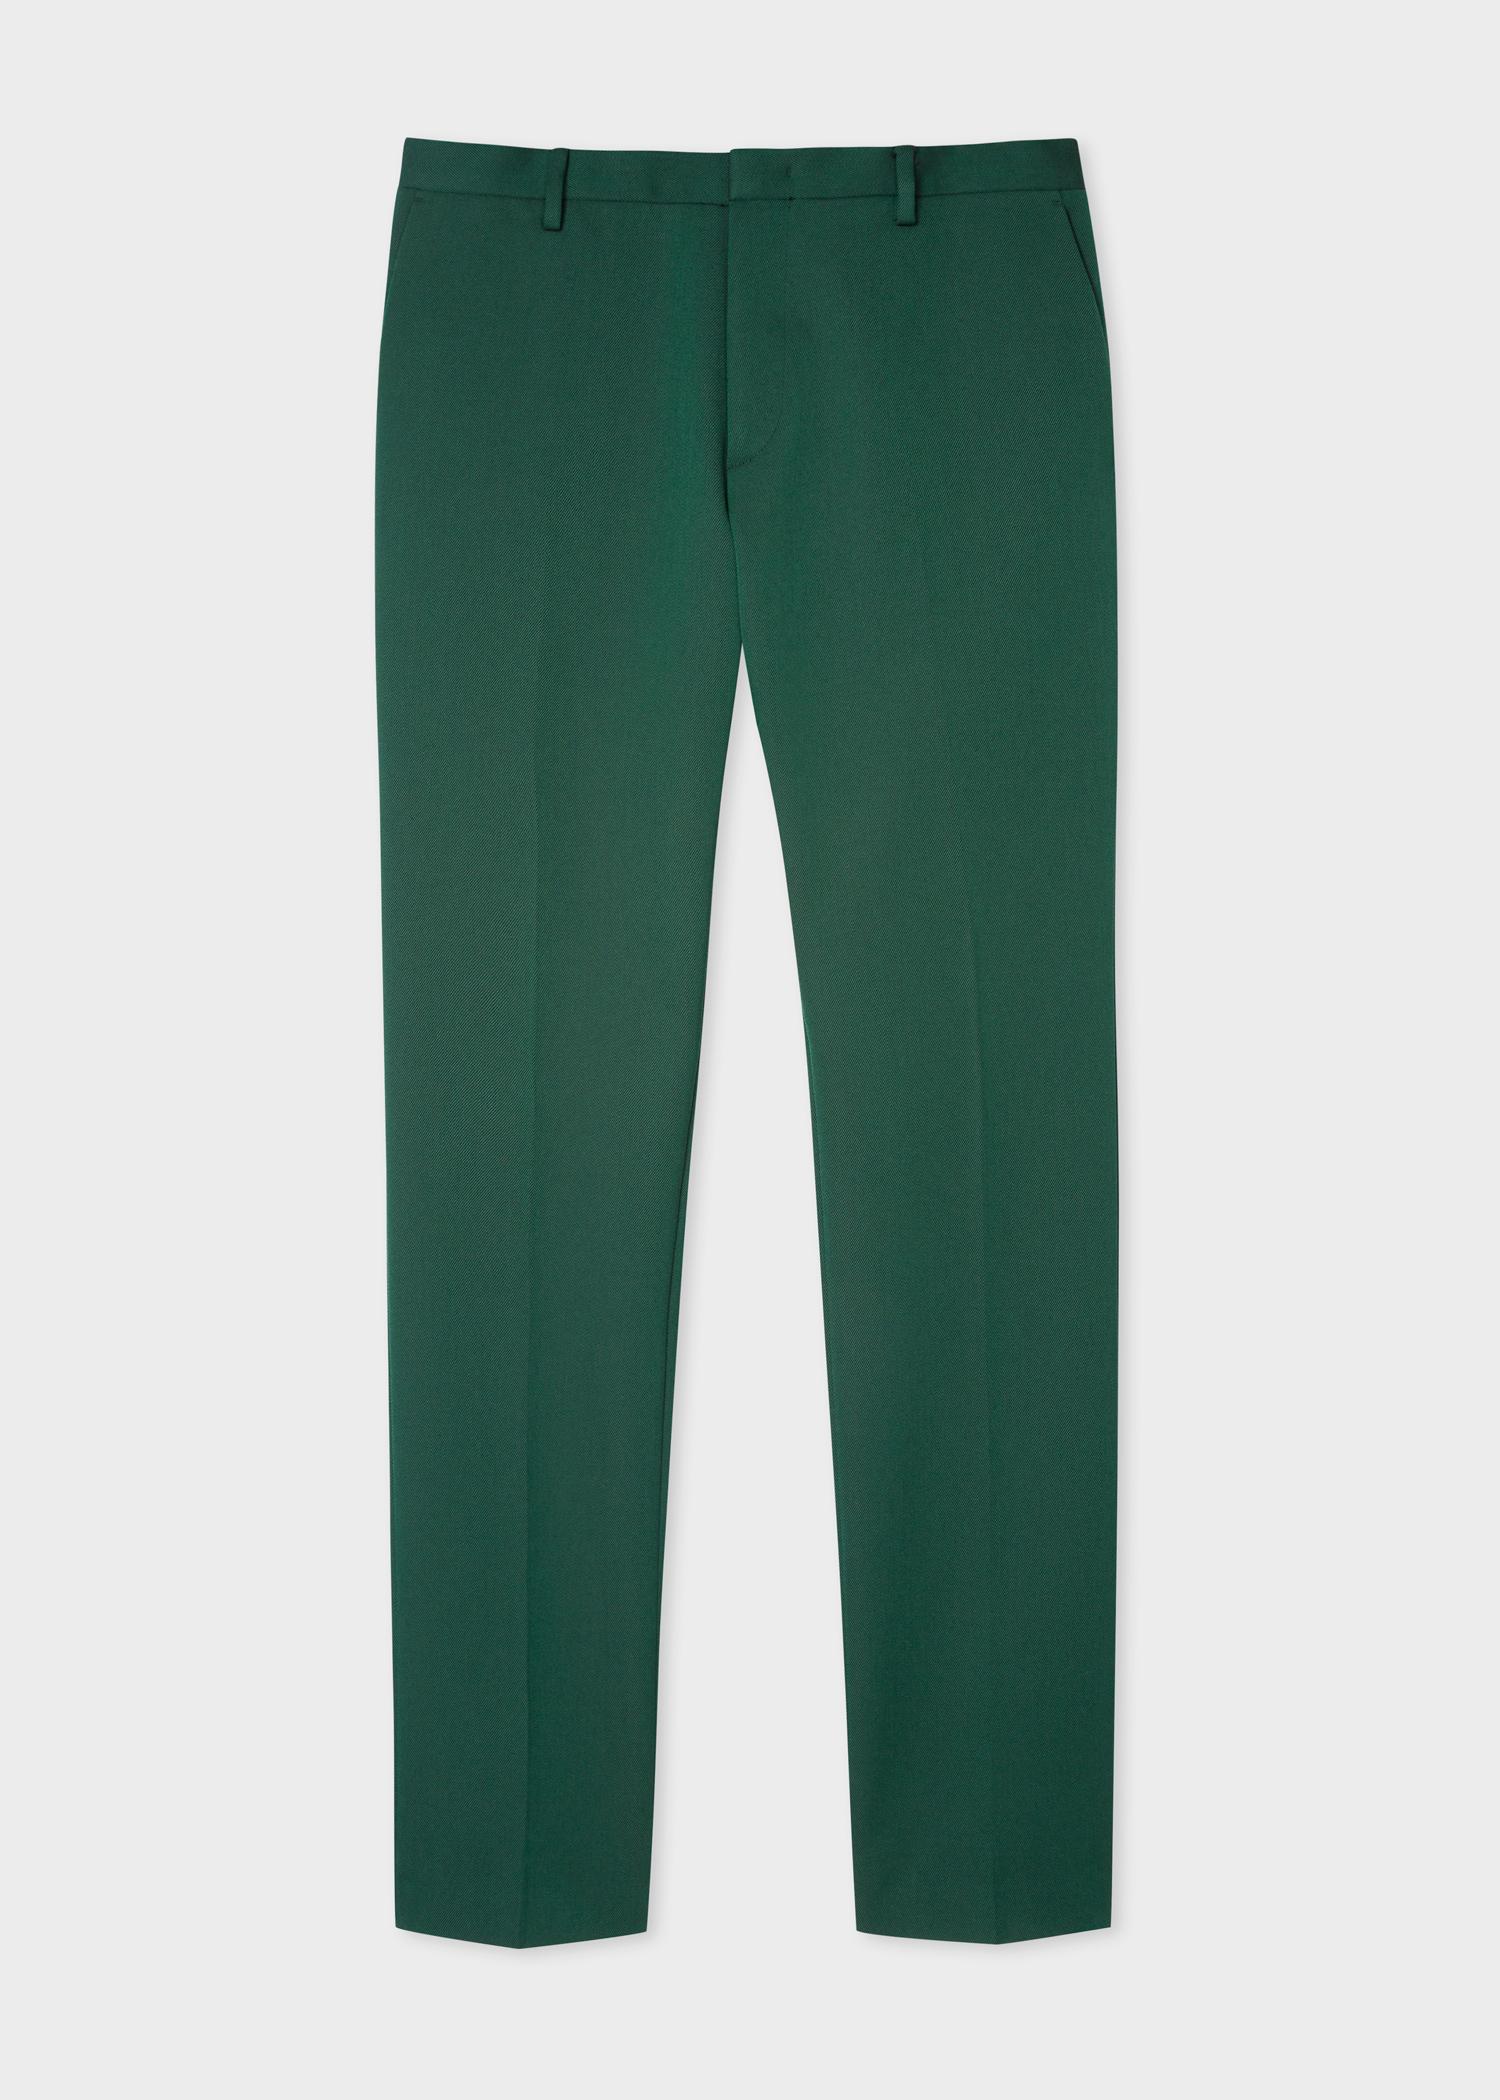 meilleur service 7165a 5a476 Pantalon Homme Vert En Twill De Laine Mélangé Coupe Slim